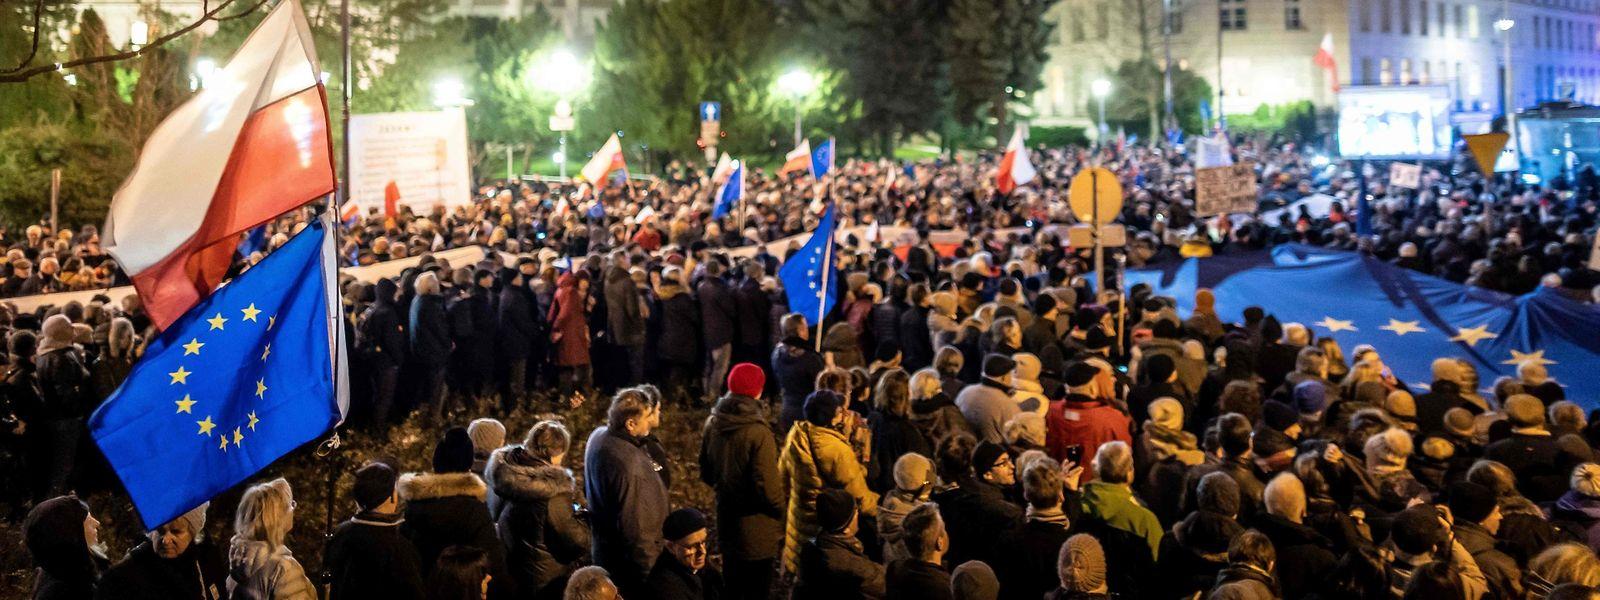 Tausende Bürger demonstrierten in Warschau vor dem Parlament gegen die Gesetze zur Justizreform.